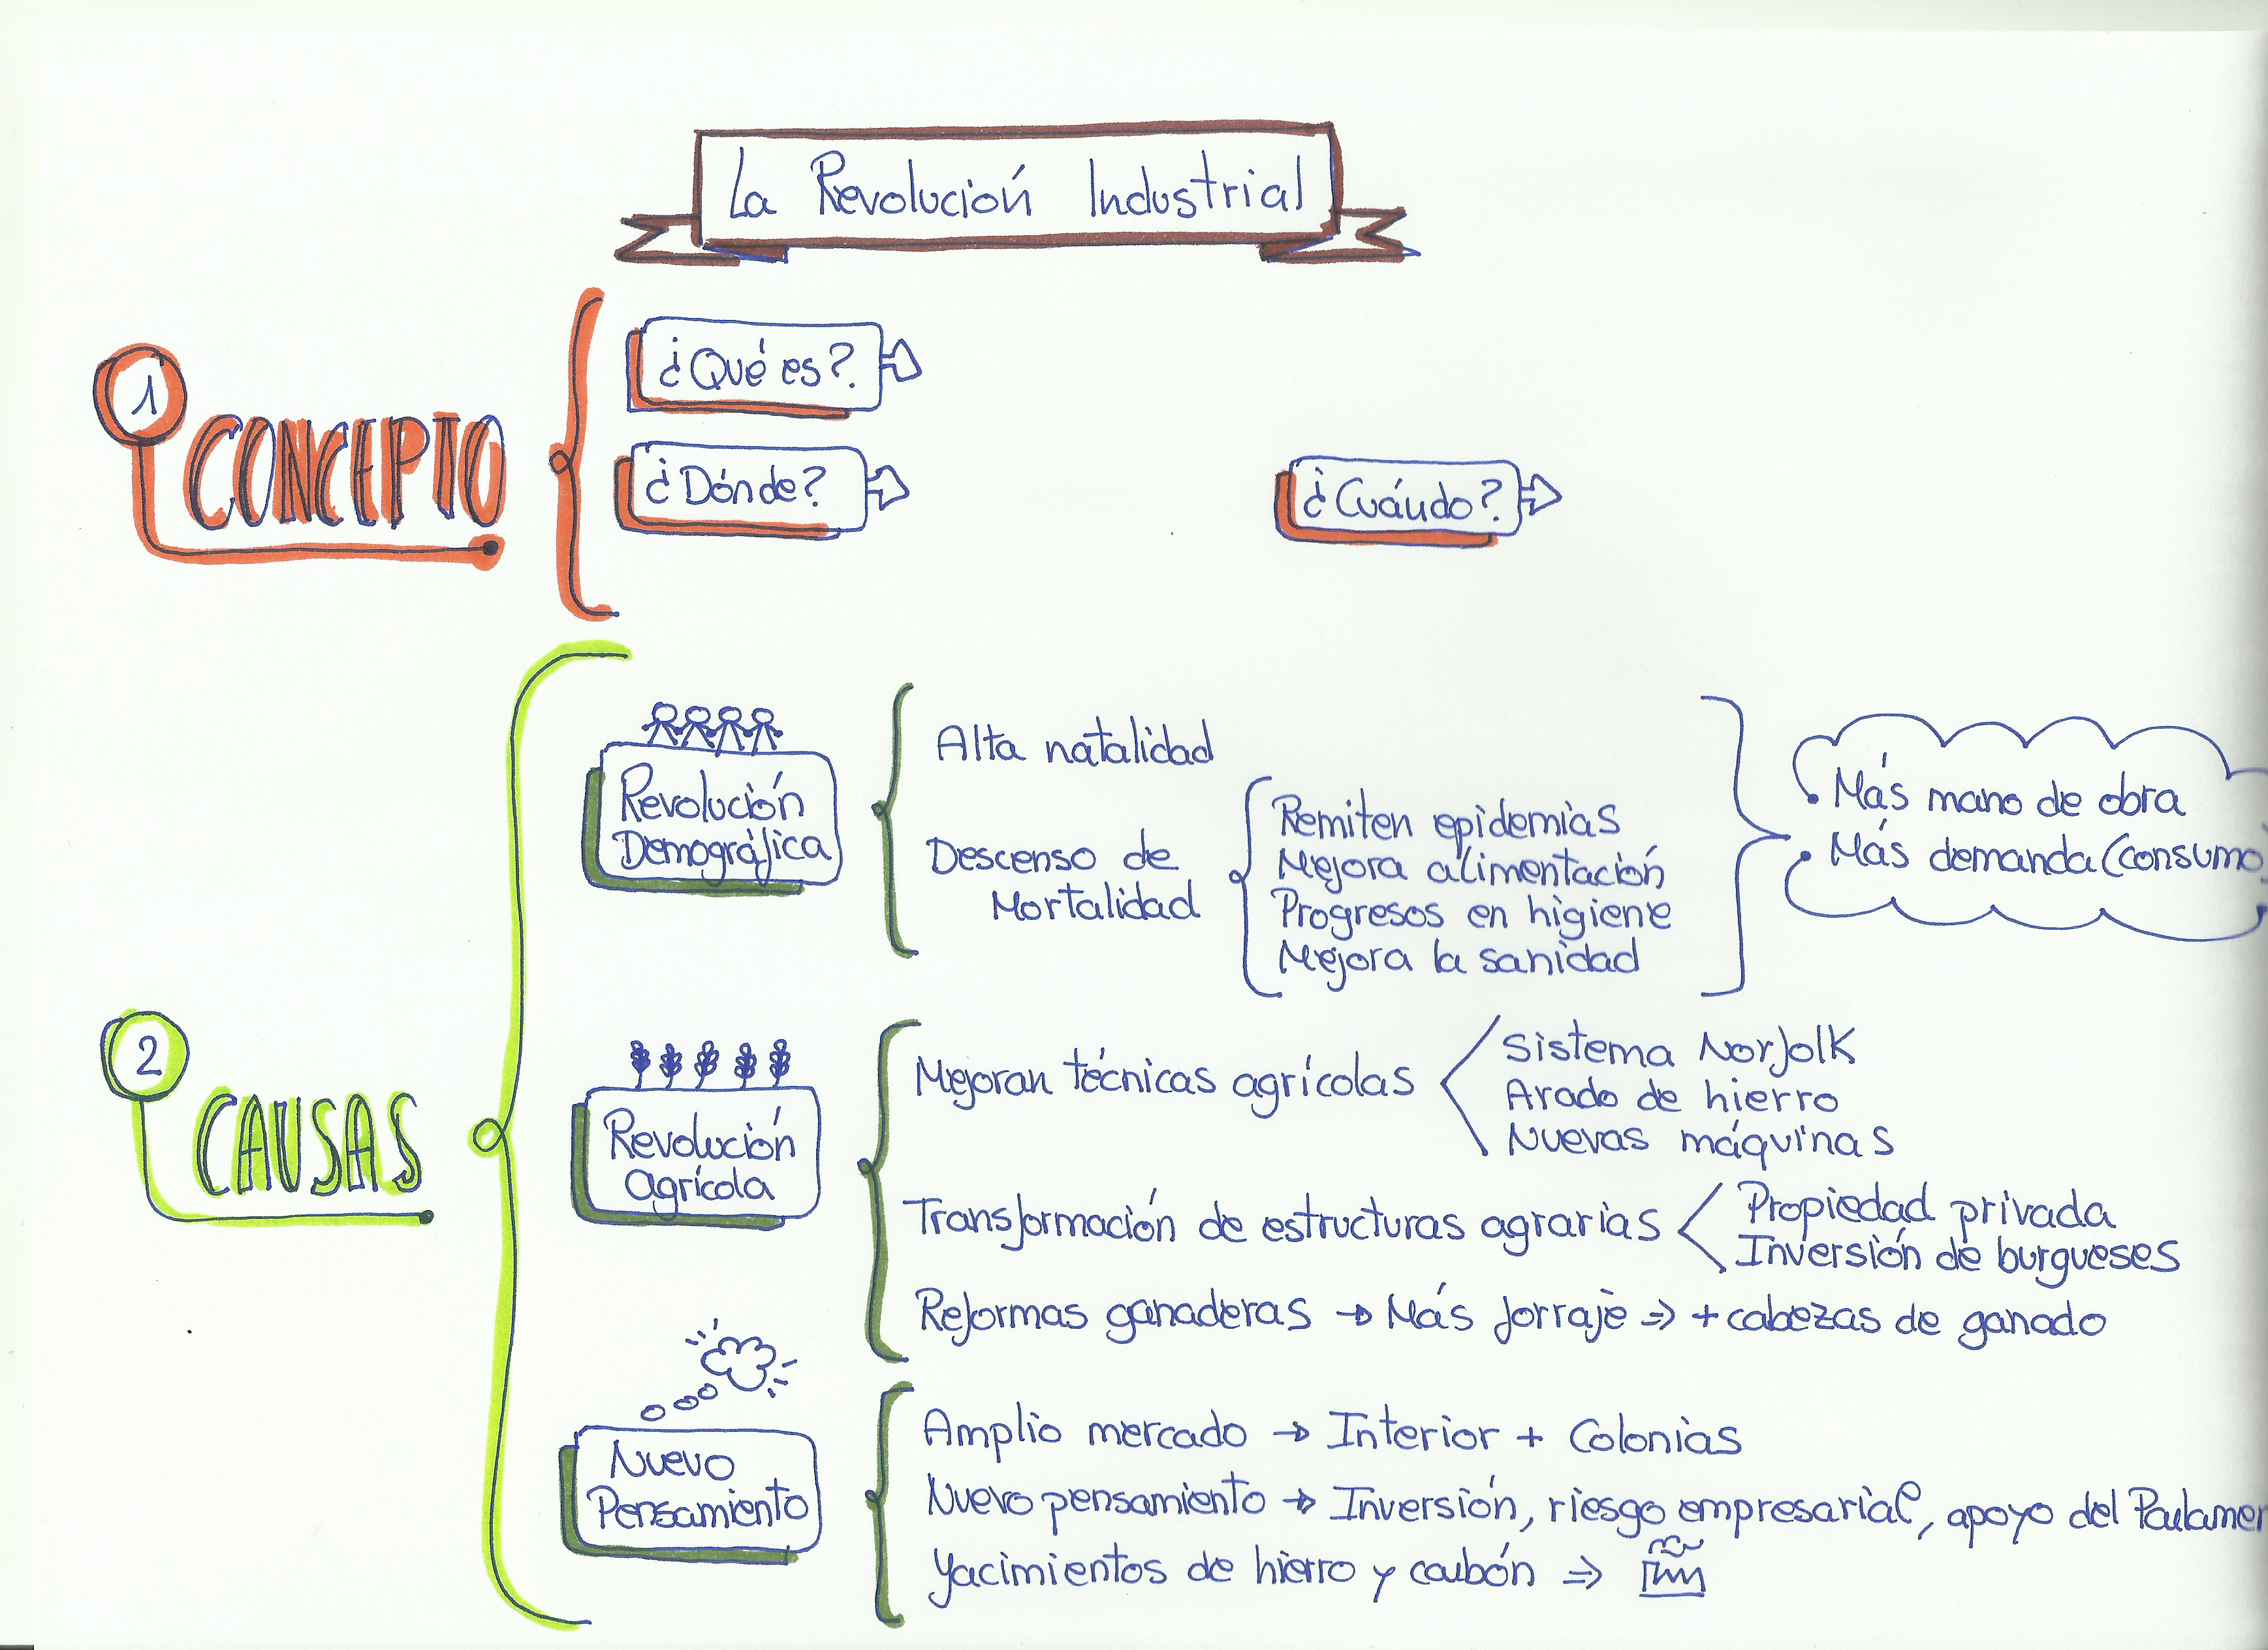 esquema revolucion industrial, concepto y causas